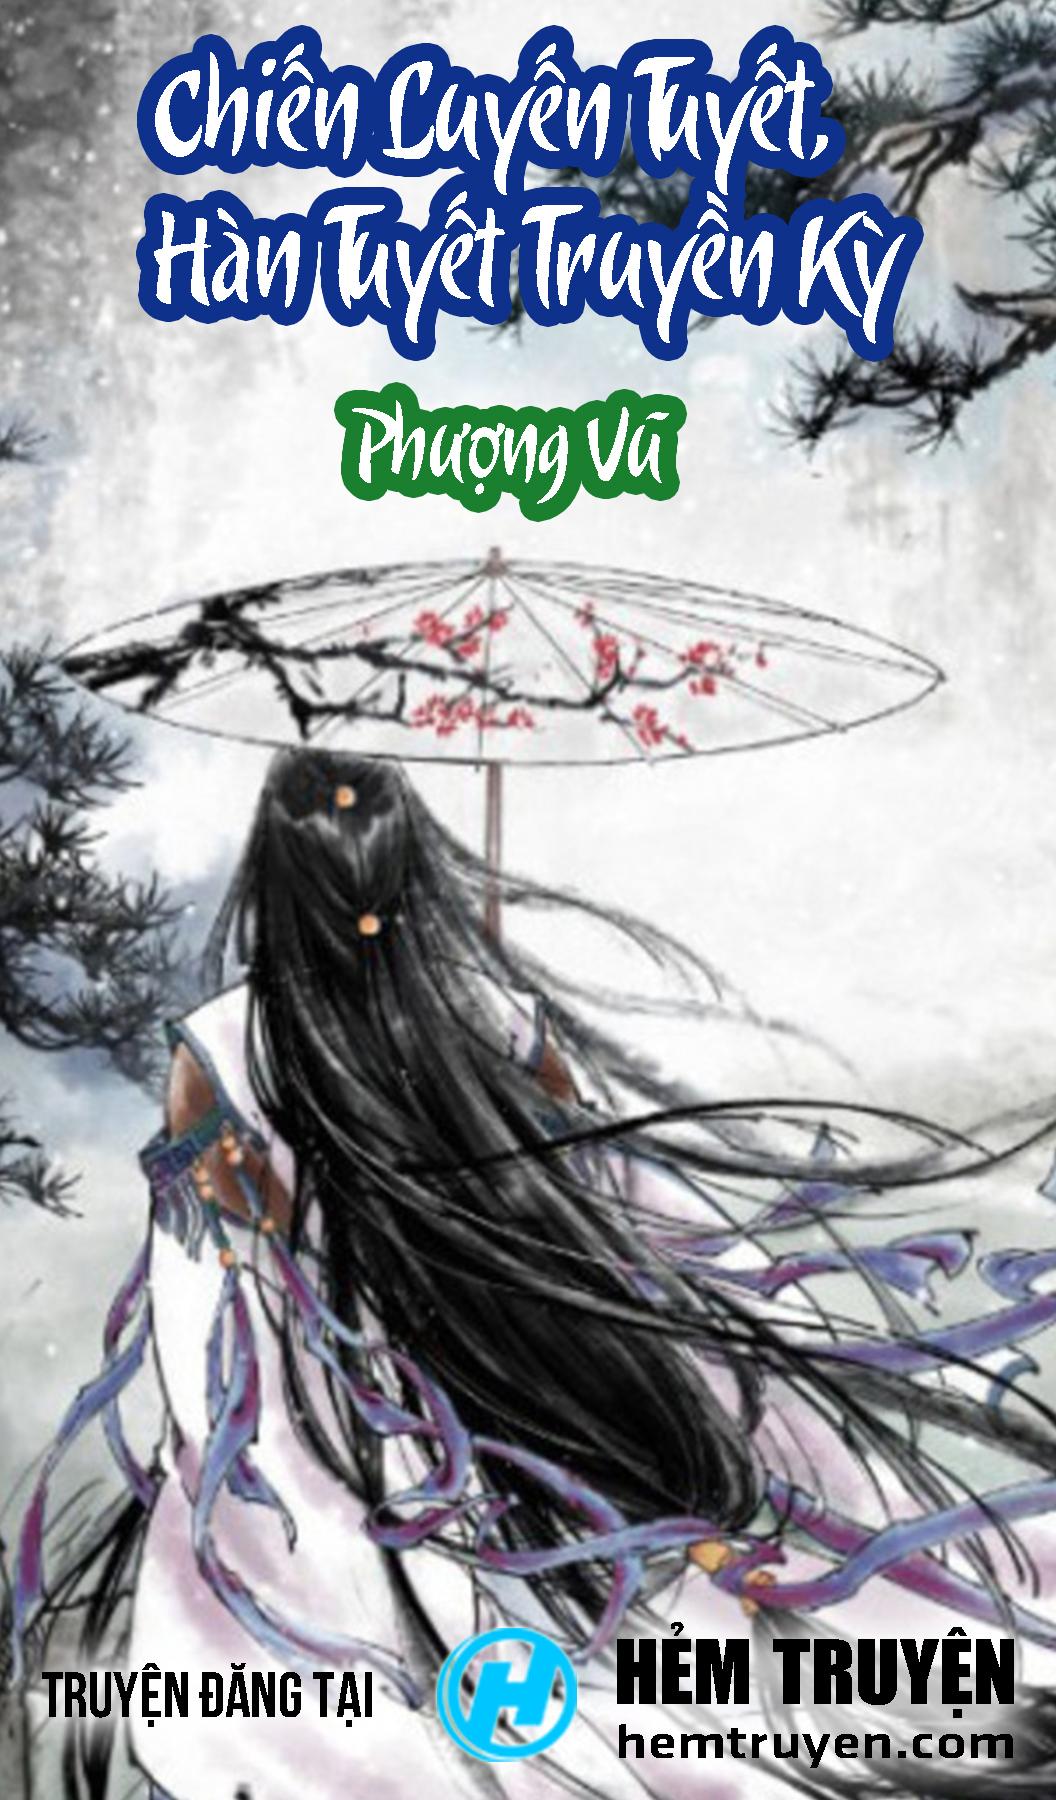 Đọc truyện Chiến Luyến Tuyết, Hàn Tuyết Truyền Kỳ của Phượng Vũ trên HEMTRUYEN.COM